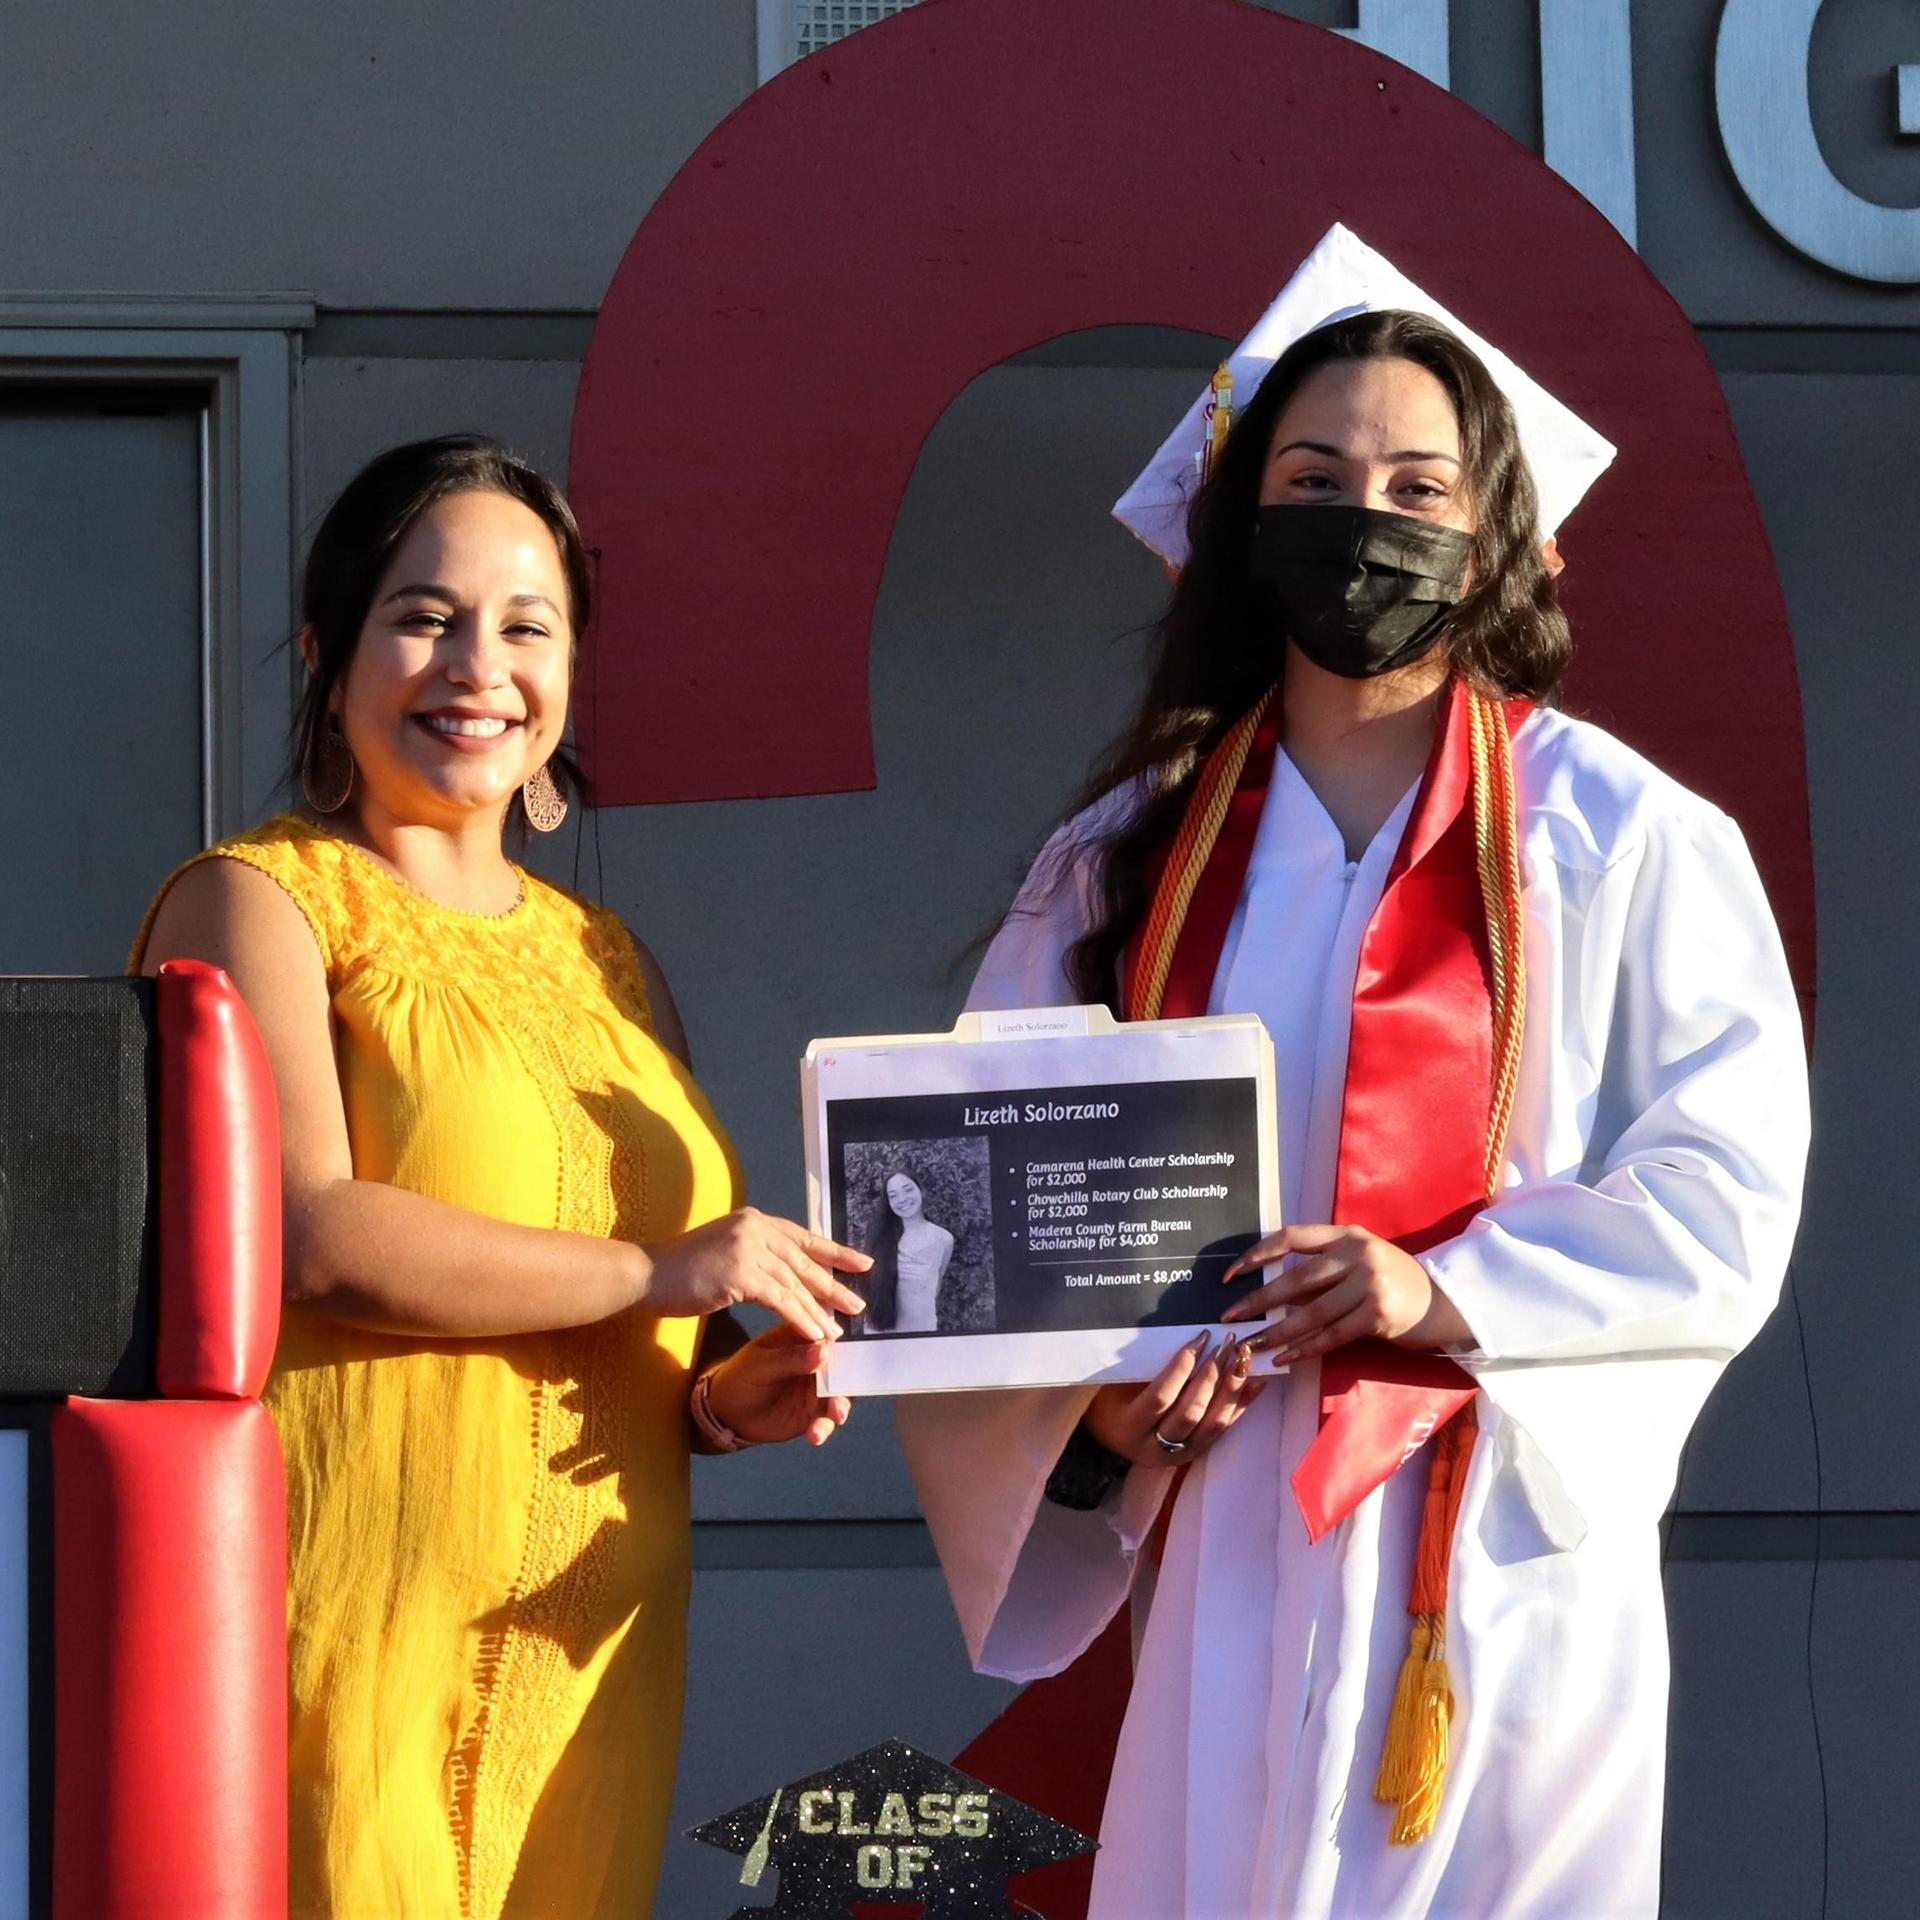 academic award winner